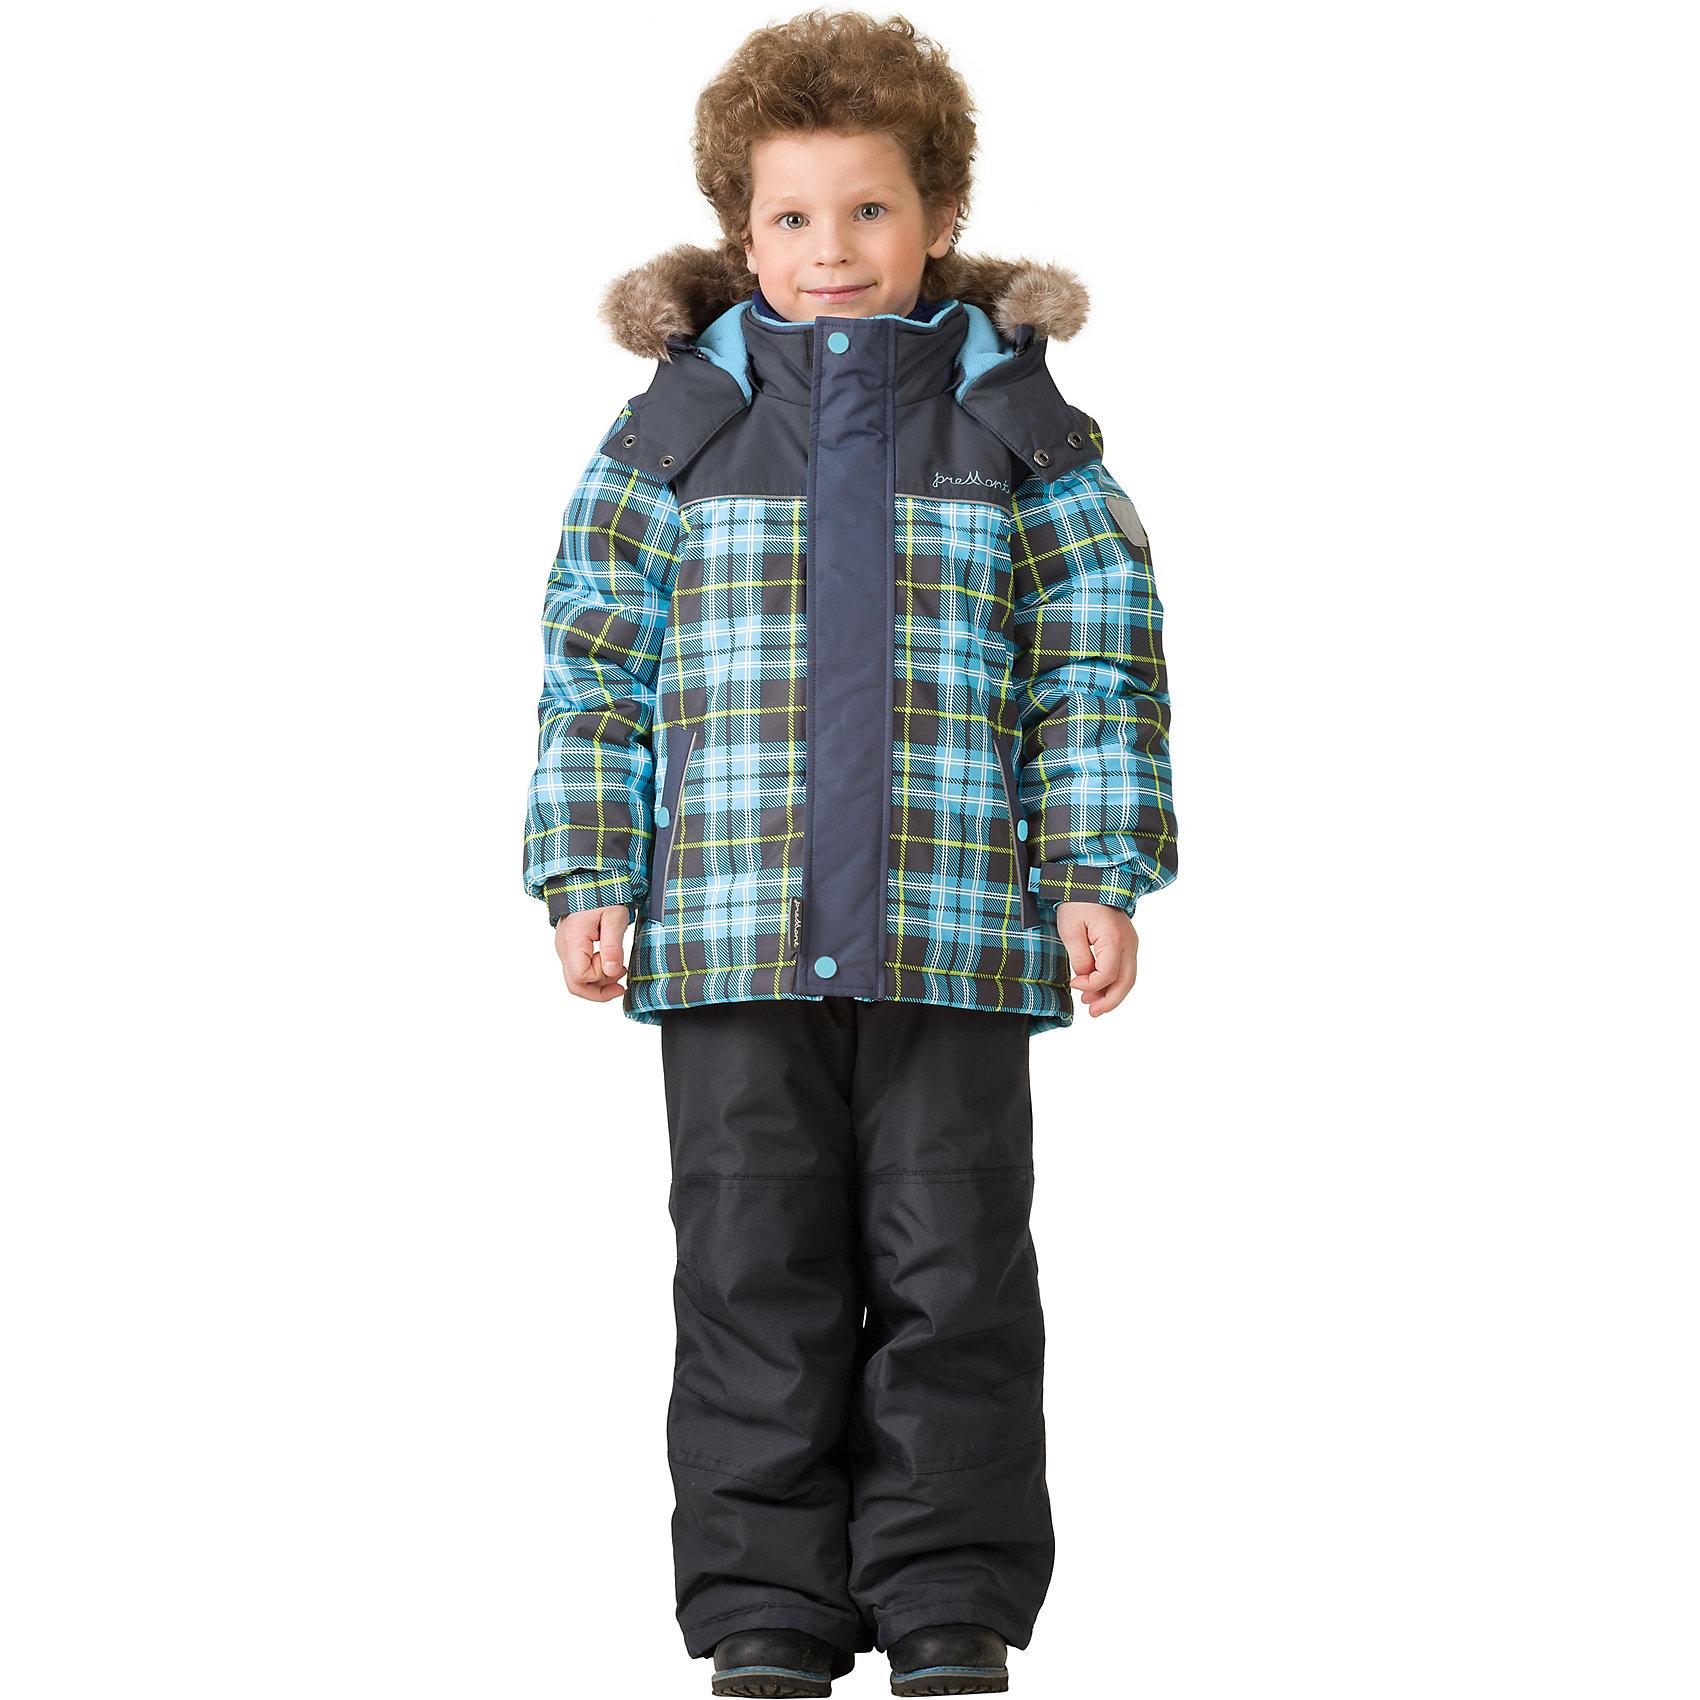 Комплект: куртка и брюки Premont для мальчикаВерхняя одежда<br>Характеристики товара:<br><br>• цвет: голубой<br>• комплектация: куртка и брюки<br>• состав ткани: Taslan<br>• подкладка: Polar fleece, Taffeta<br>• утеплитель: Tech-polyfill<br>• сезон: зима<br>• мембранное покрытие<br>• температурный режим: от -30 до +5<br>• водонепроницаемость: 5000 мм <br>• паропроницаемость: 5000 г/м2<br>• плотность утеплителя: куртка - 280 г/м2, брюки - 180 г/м2<br>• капюшон: съемный<br>• искусственный мех на капюшоне отстегивается<br>• застежка: молния<br>• страна бренда: Канада<br>• страна изготовитель: Китай<br><br>Этот зимний комплект для ребенка - это куртка с капюшоном и брюки. Детский теплый комплект дополнен светоотражающими элементами, лямками, планкой от ветра и карманами на липучках. Теплый зимний детский комплект сделан с применением мембранной технологии. Мягкая подкладка комплекта для детей делает его теплым и комфортным. <br><br>Комплект: куртка и брюки для мальчика Premont (Премонт) можно купить в нашем интернет-магазине.<br><br>Ширина мм: 356<br>Глубина мм: 10<br>Высота мм: 245<br>Вес г: 519<br>Цвет: синий<br>Возраст от месяцев: 156<br>Возраст до месяцев: 168<br>Пол: Мужской<br>Возраст: Детский<br>Размер: 164,100,104,110,92,98,116,120,122,128,140,152<br>SKU: 7088343